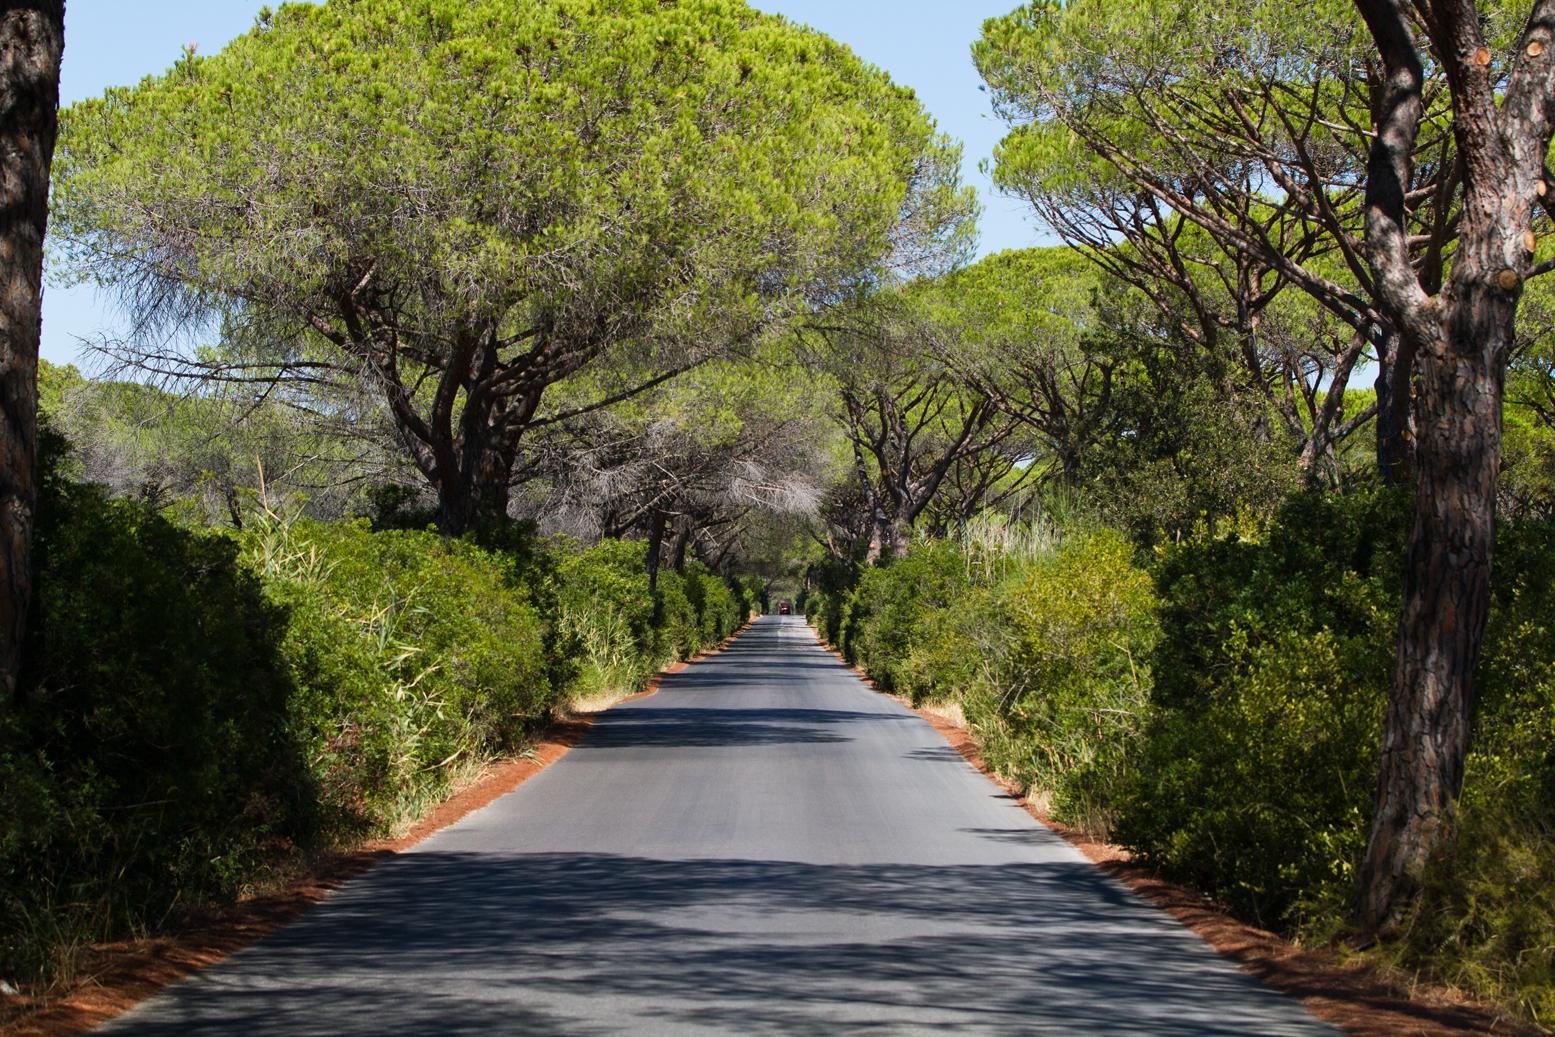 Guida turistica del Parco dell'Uccellina